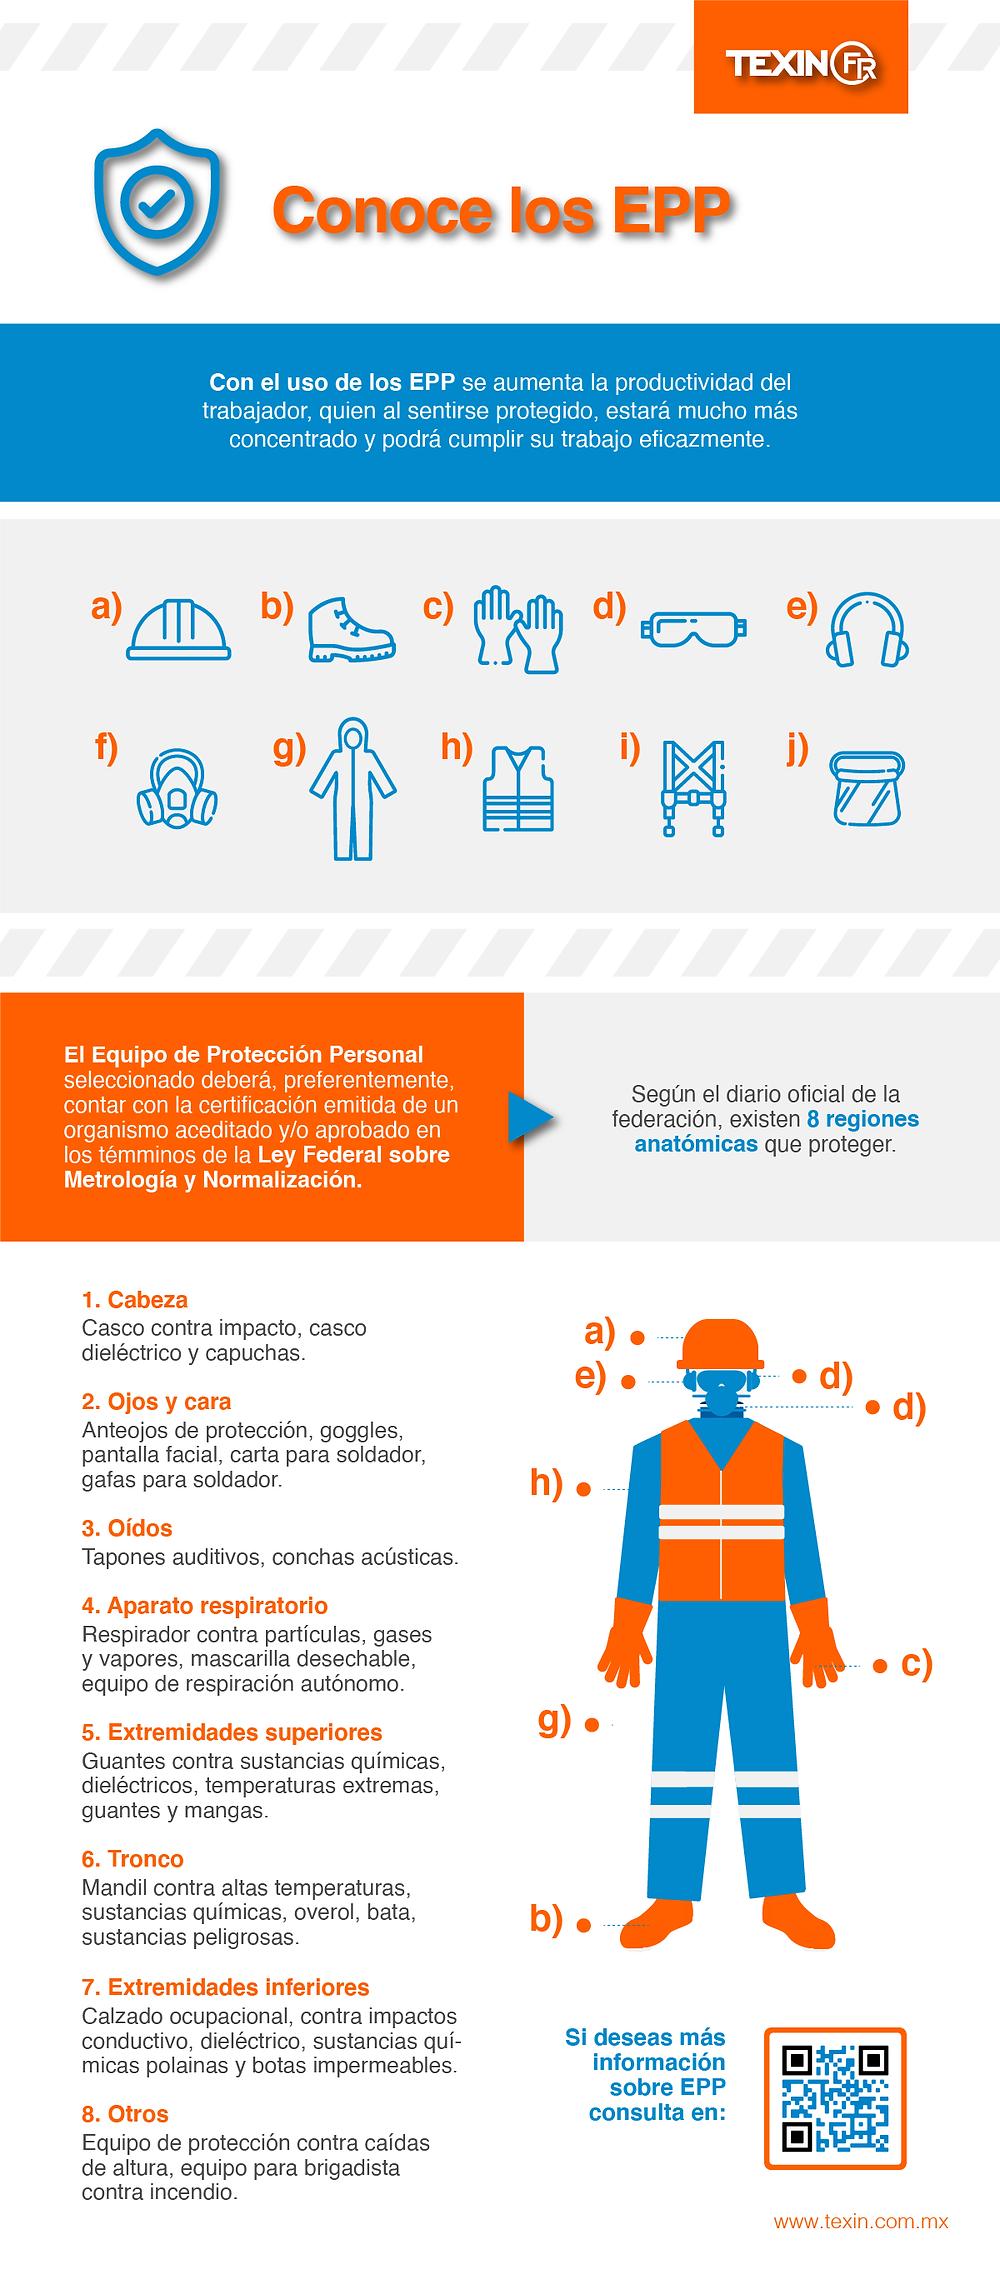 Infografía de EPP mostrando iconos en color azul todos los EPP considerados en México